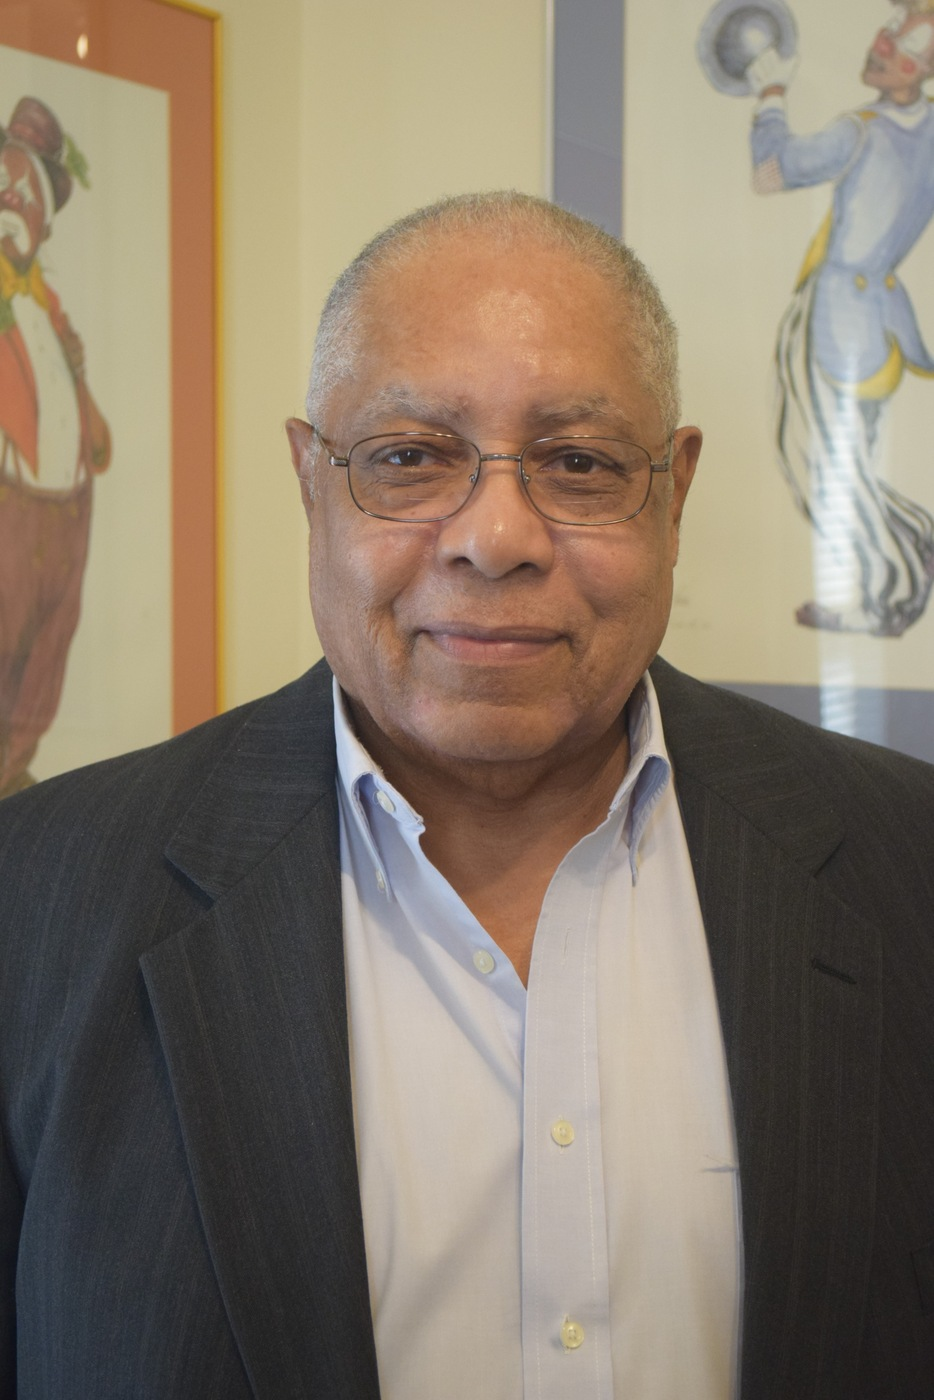 Reverend Cheek DCLA Award Recipient